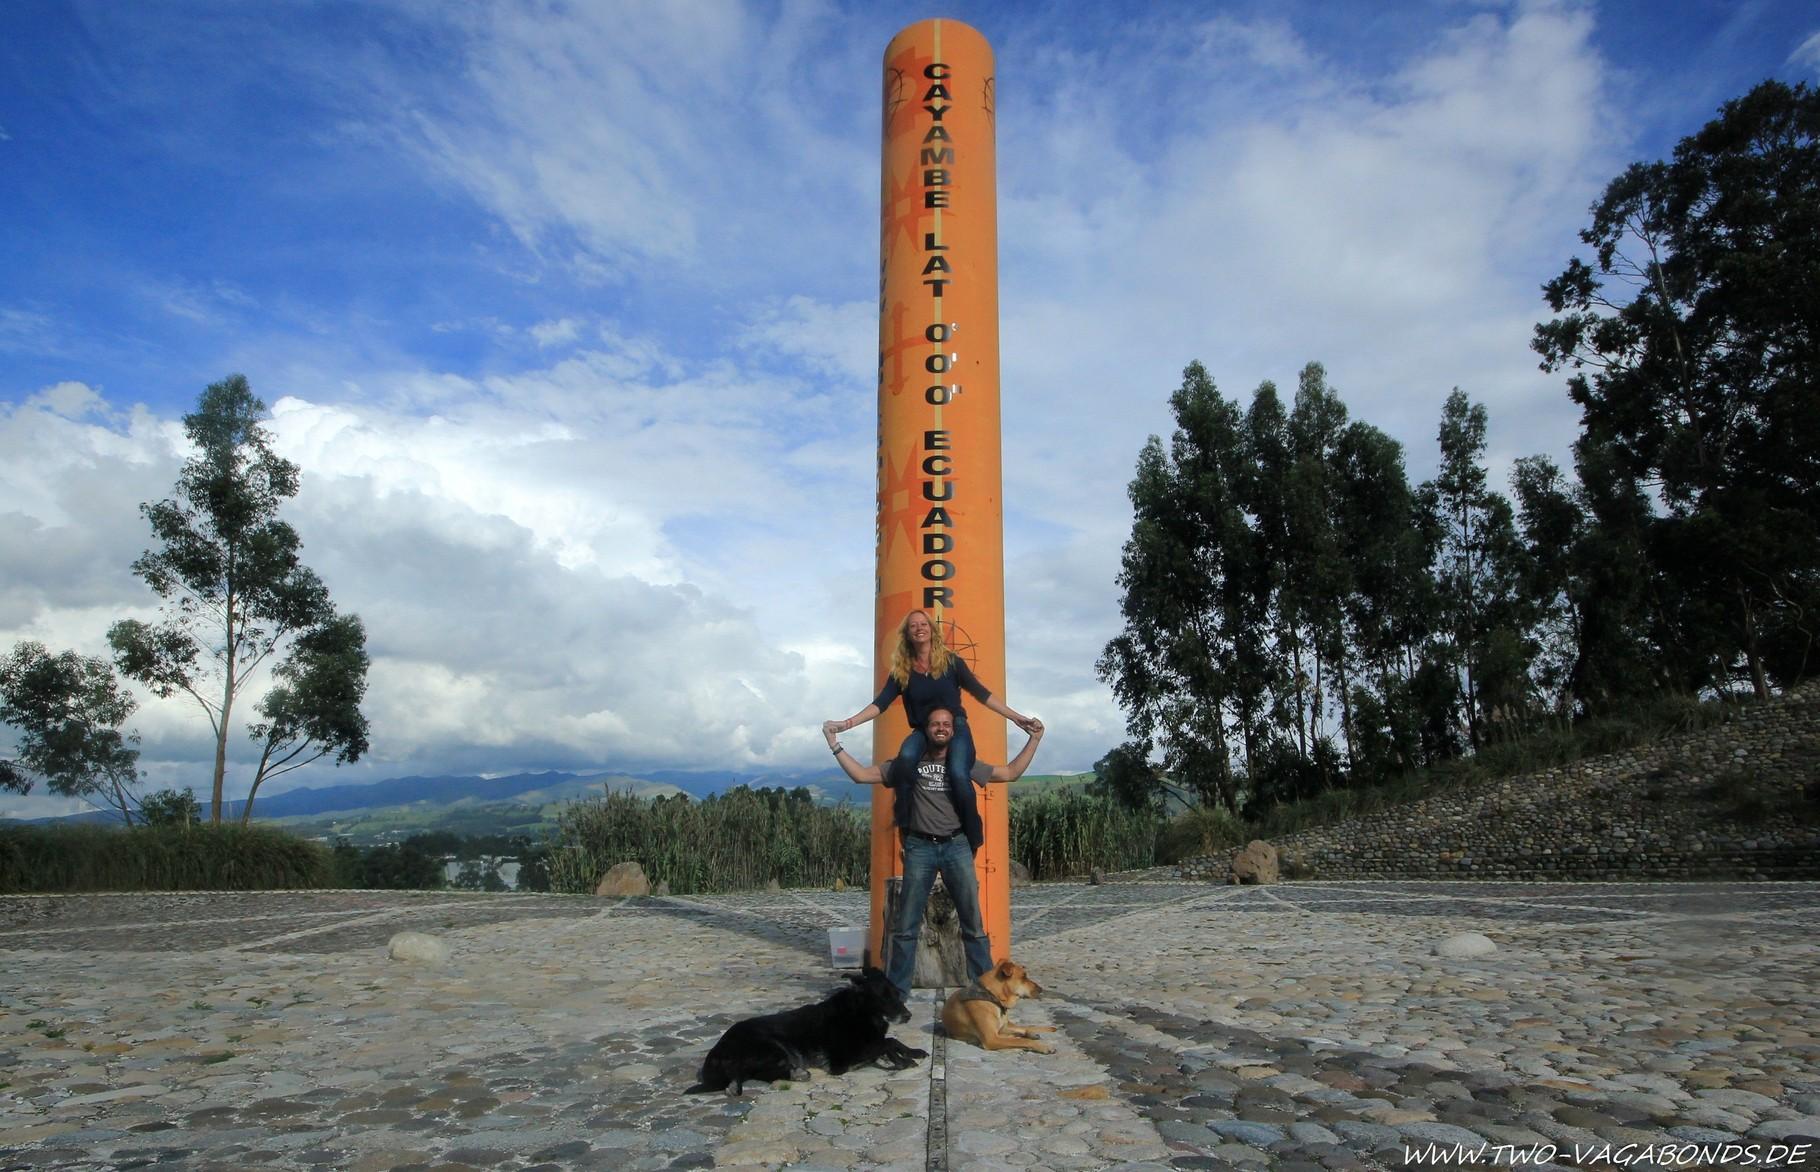 ECUADOR 2014 - ÄQUATOR-MONUMENT